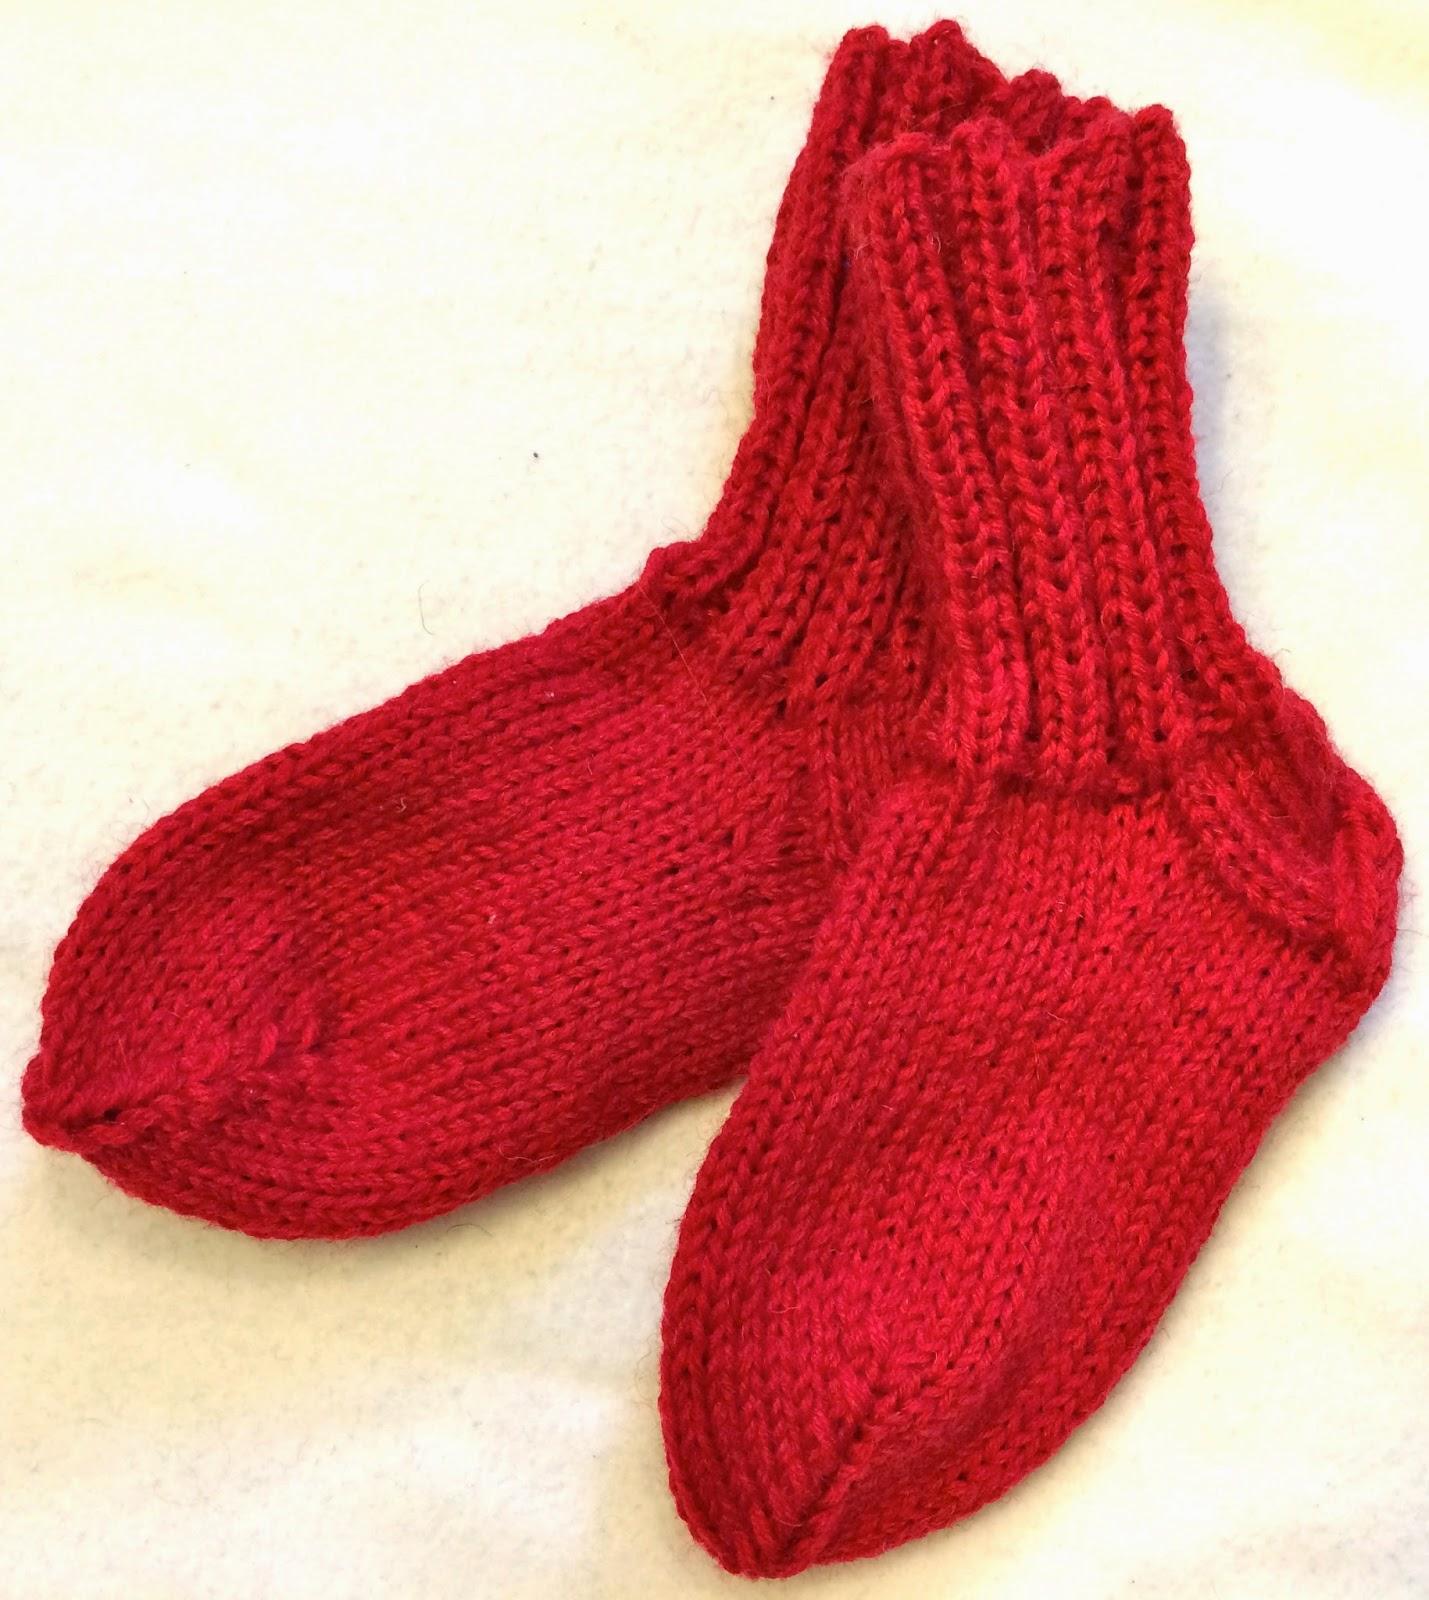 2c87d8cf Sokker etter oppskrift fra Sandnesgarn | Tante Mias hobbyblogg